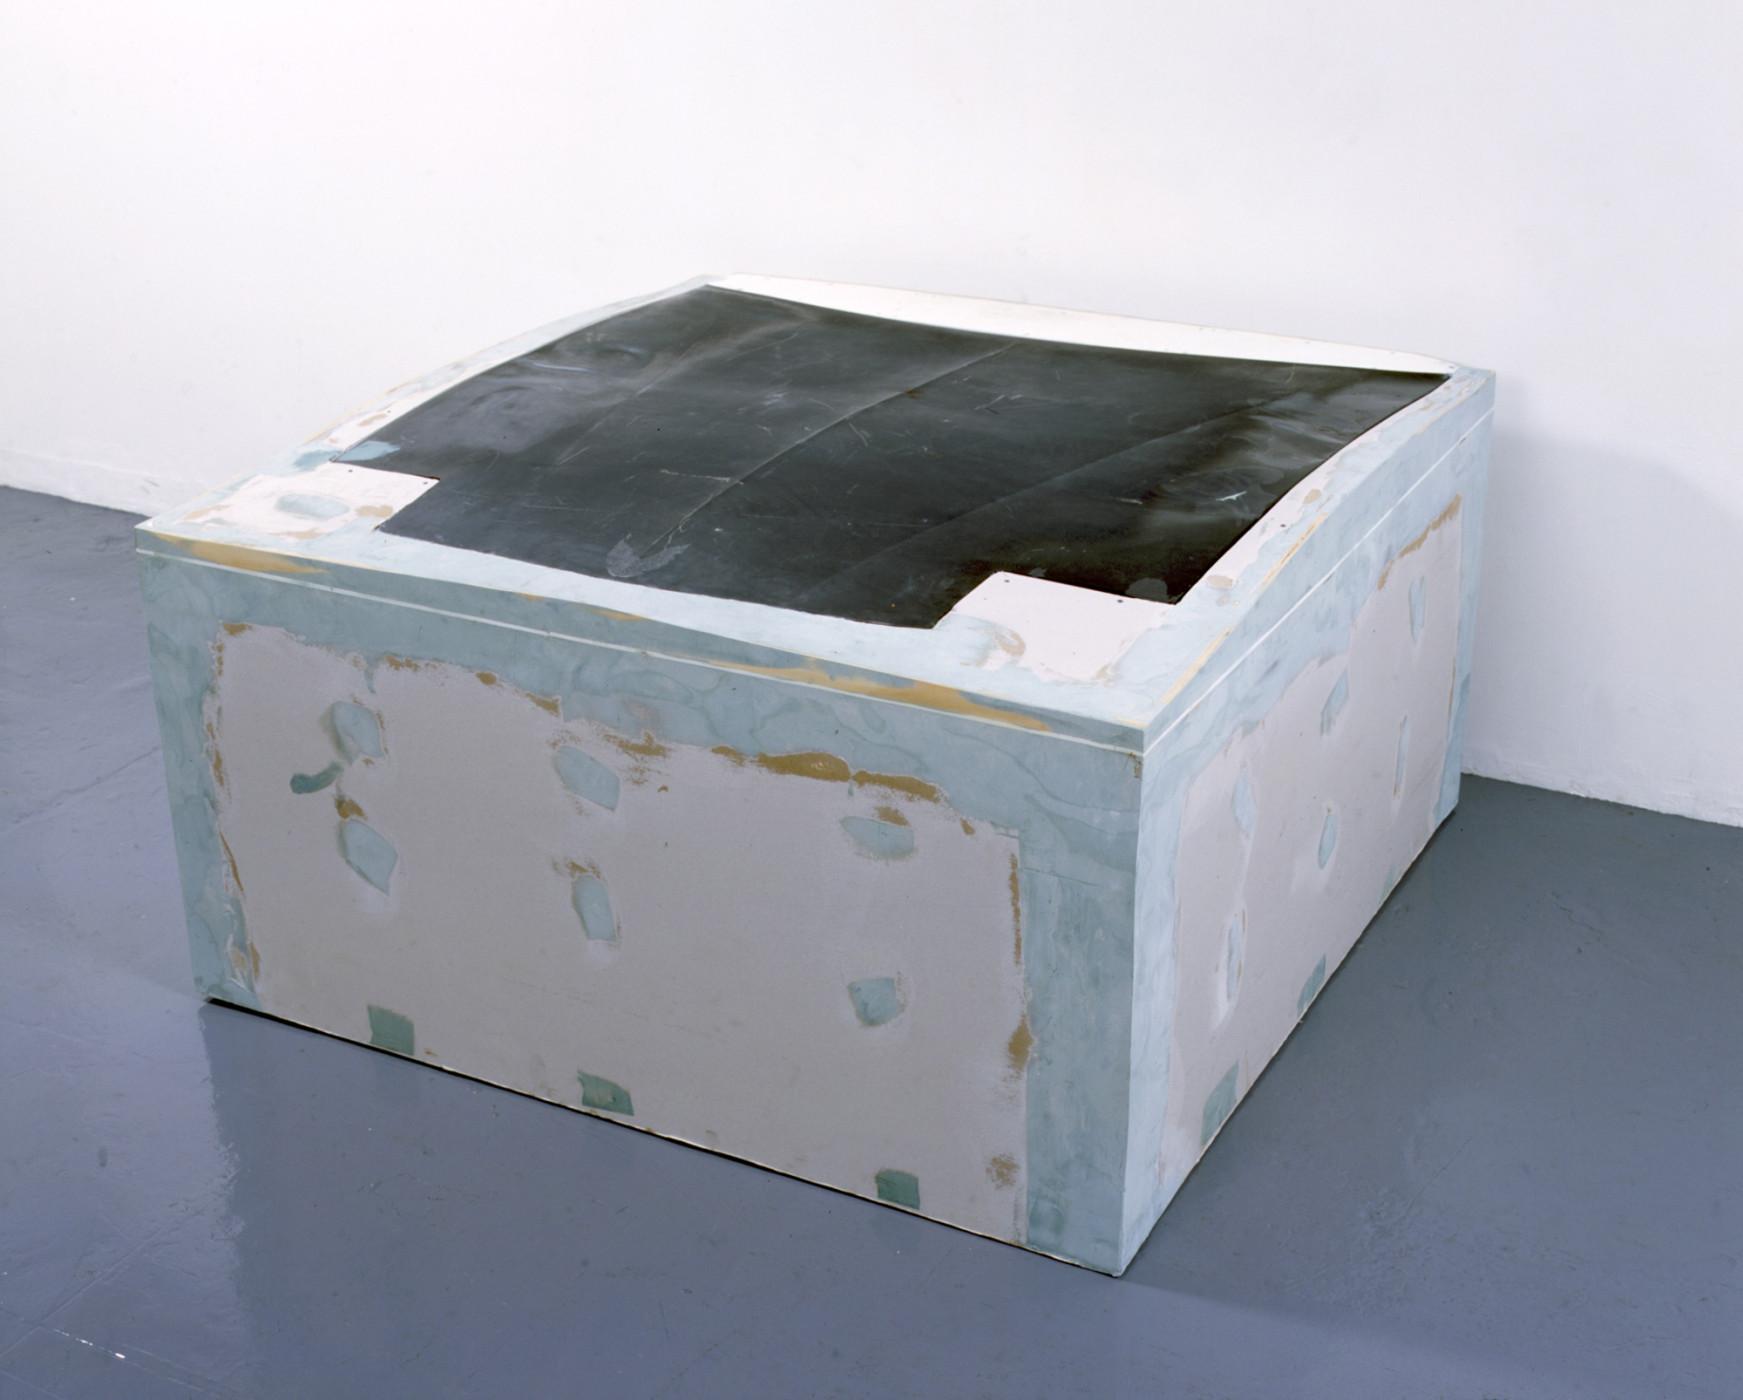 <div class=&#34;title&#34;><em>Untitled (hood)</em>, 2007</div><div class=&#34;medium&#34;>wood, acrylic, auto-body compound, fibreglass</div><div class=&#34;dimensions&#34;>89.0 x 179.0 x 176.0 cm<br />35 x 70 1/2 x 69 1/4 in.</div>